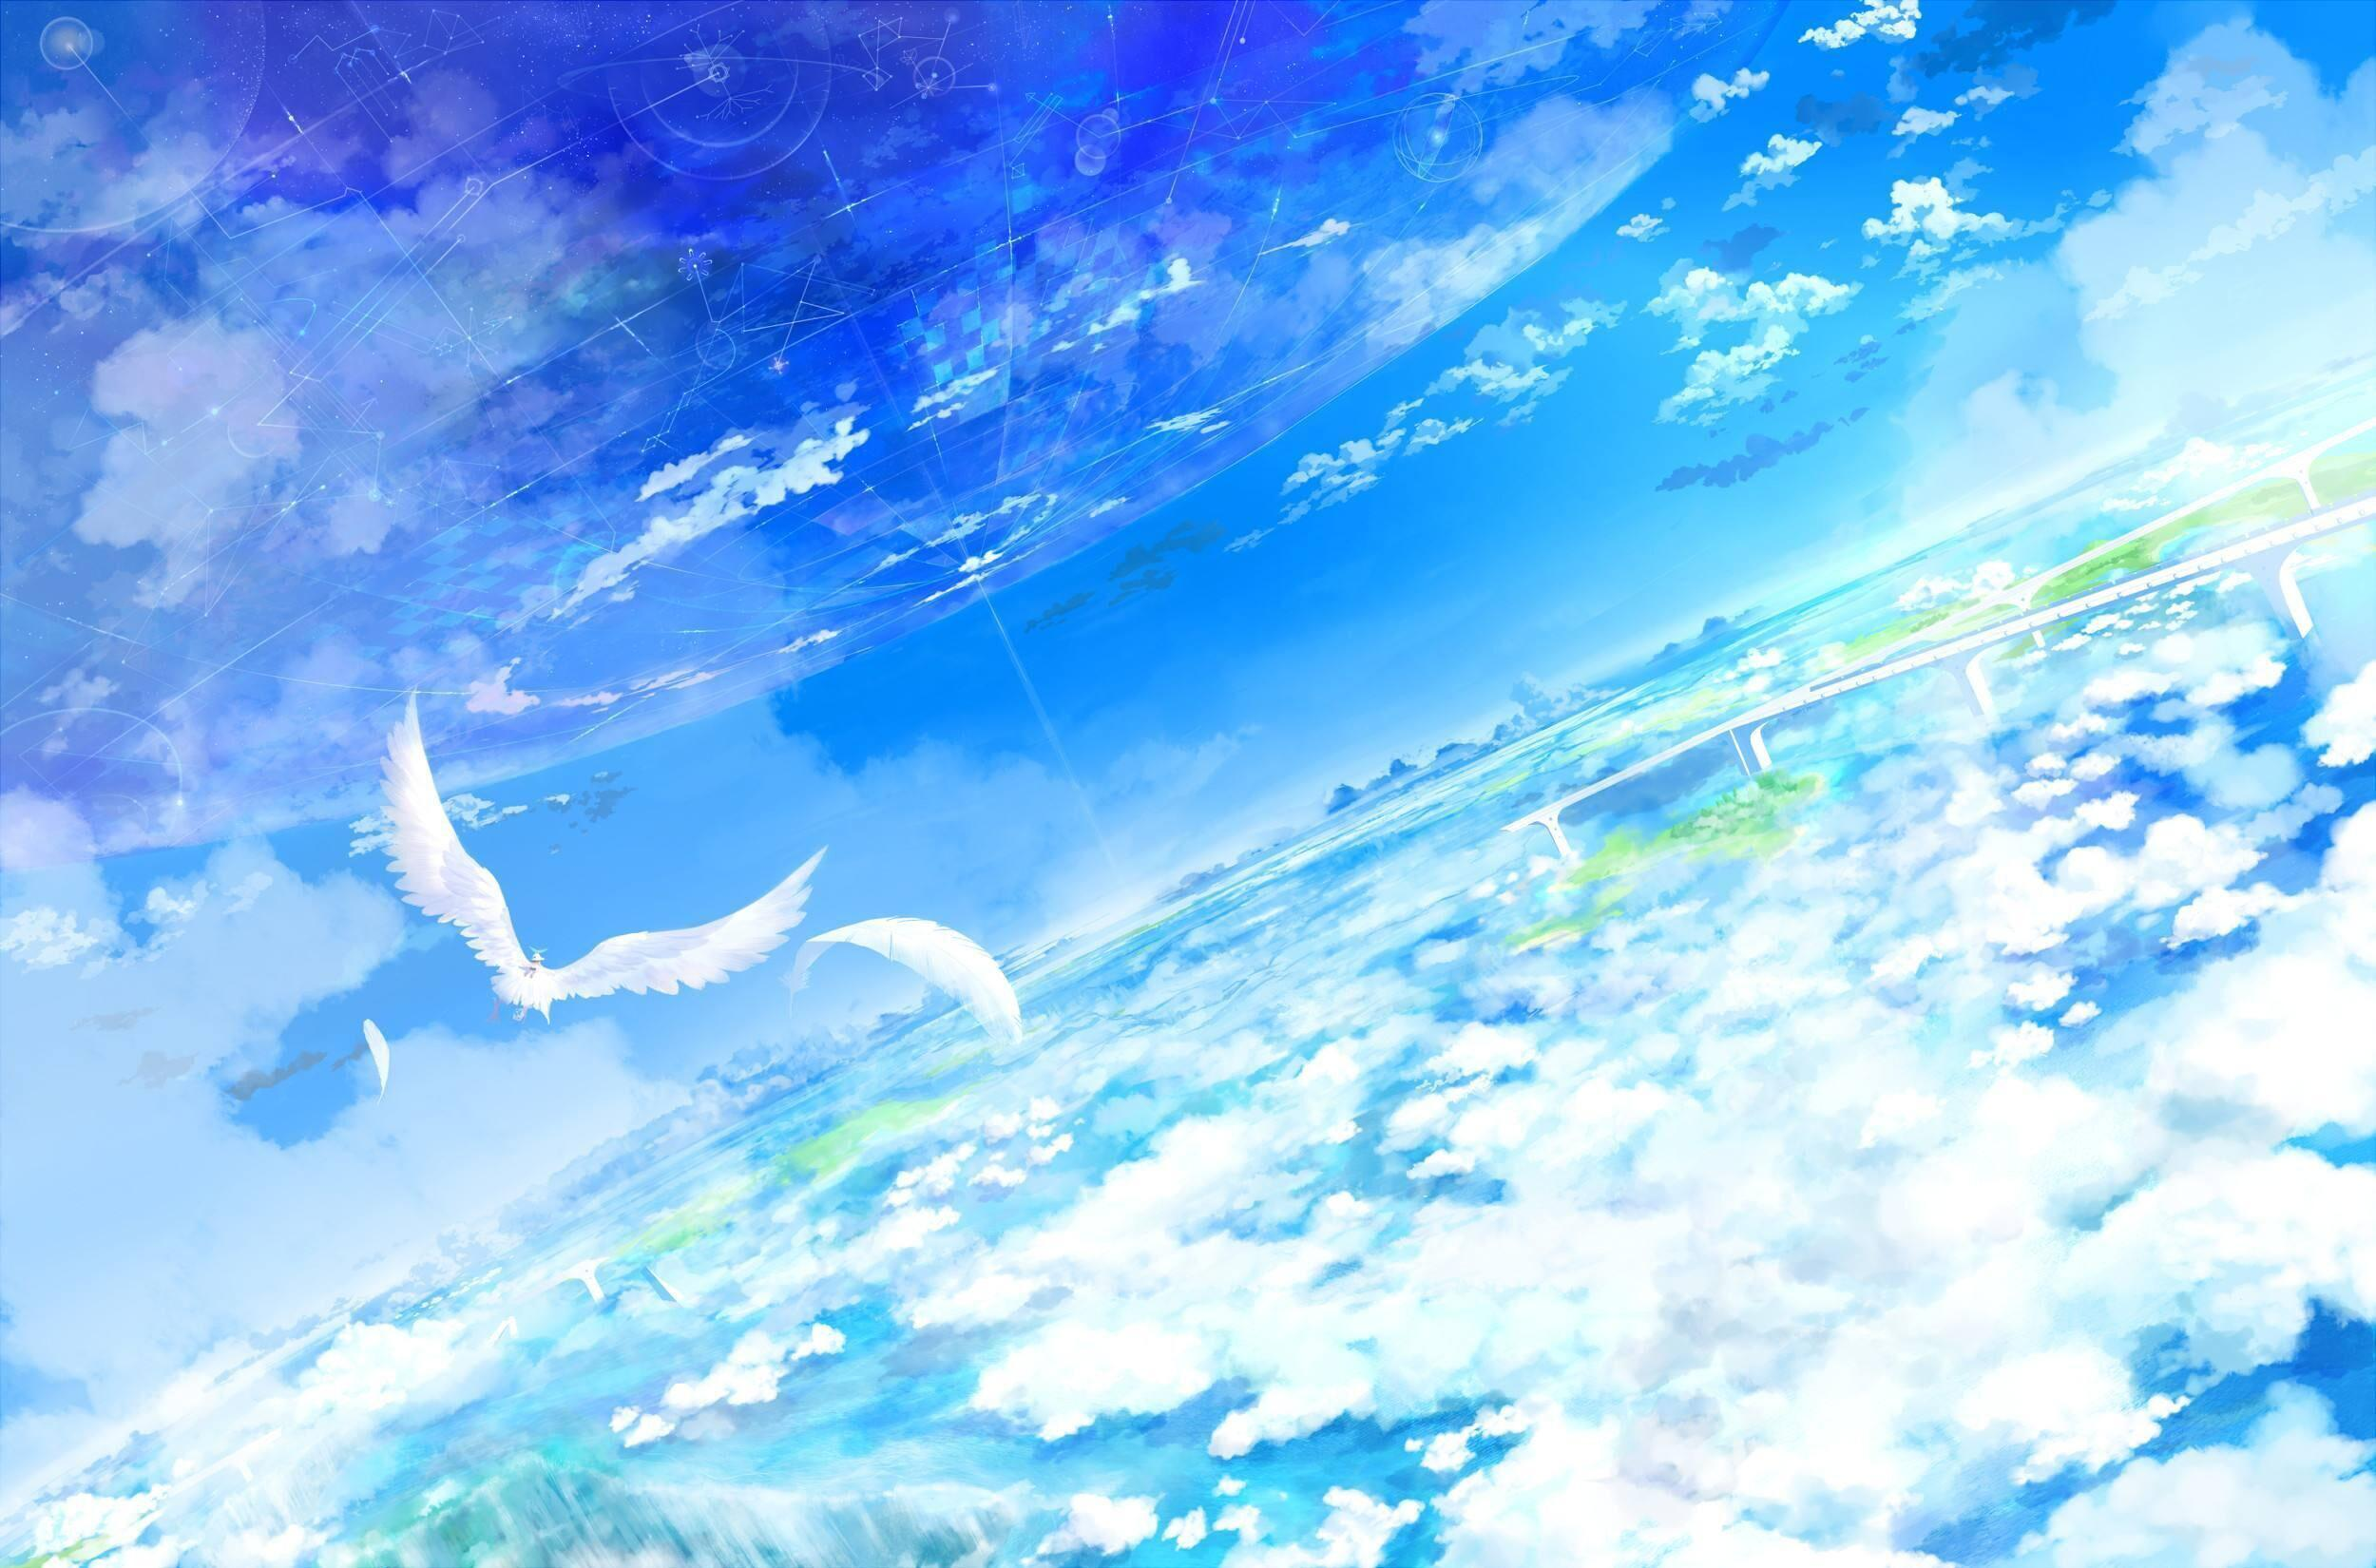 天空中新增马永生星(图2)  天空中新增马永生星(图5)  天空中新增马永生星(图7)  天空中新增马永生星(图9)  天空中新增马永生星(图11)  天空中新增马永生星(图13) 330人的会场座无虚席,深邃的蓝色主背板令人仿佛置身璀璨夜空7月27日下午,马永生星命名仪式暨学术报告会在京举行,国际编号为210292号的小行星被正式命名为马永生星。 马永生是中国工程院院士、中国石化集团公司副总经理、沉积学家、石油地质学家,他是海相碳酸盐岩油气勘探理论研究的开拓者,也是我